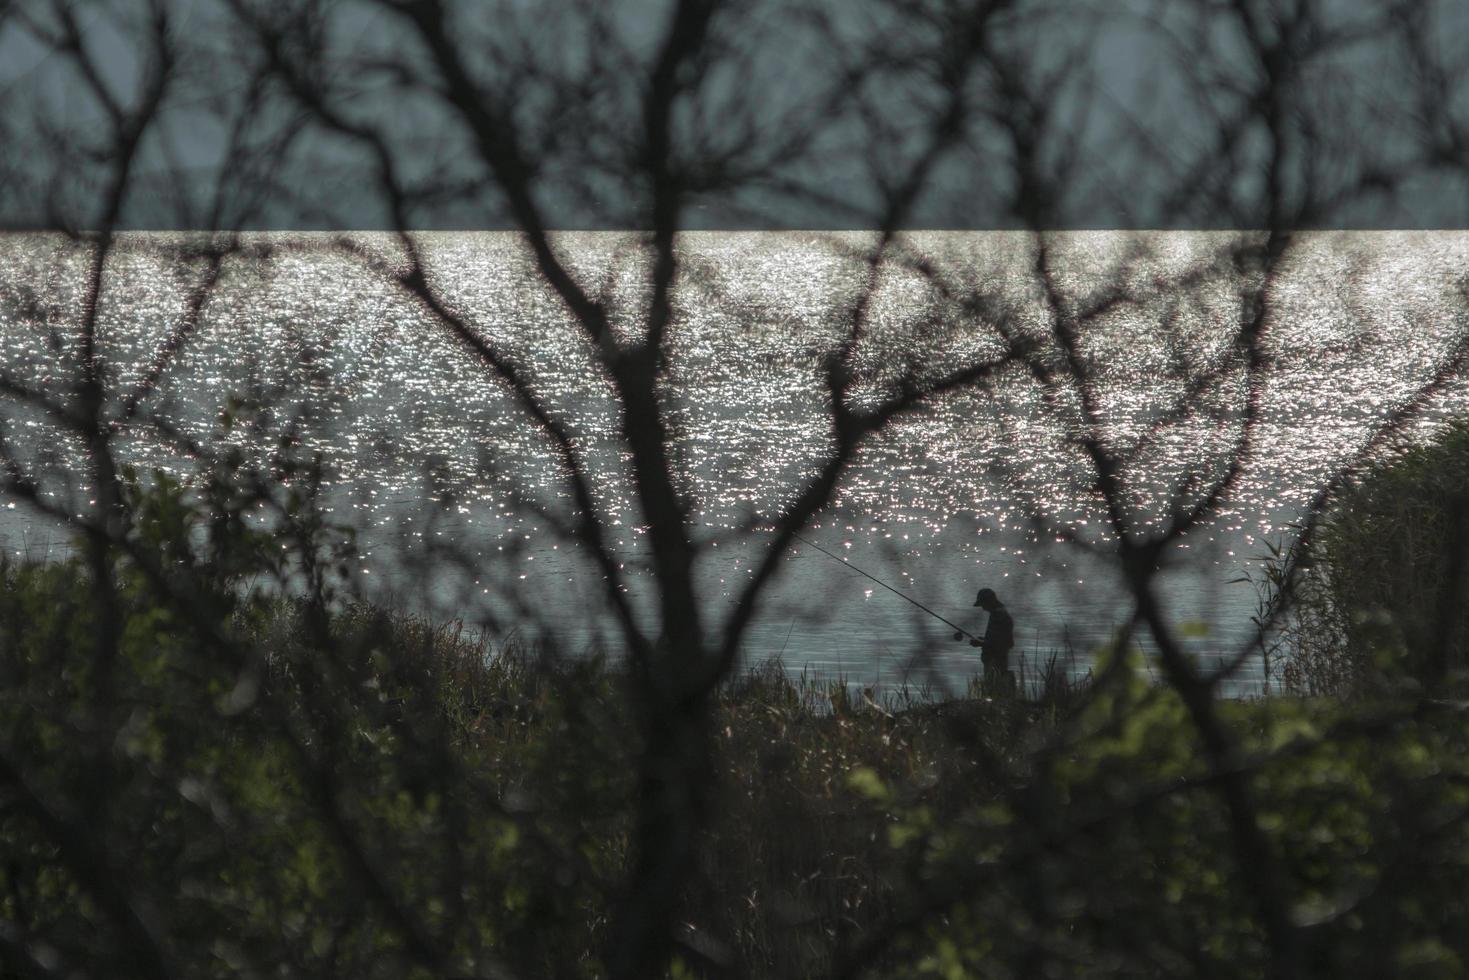 un pescador en la orilla con una caña de pescar está pescando foto